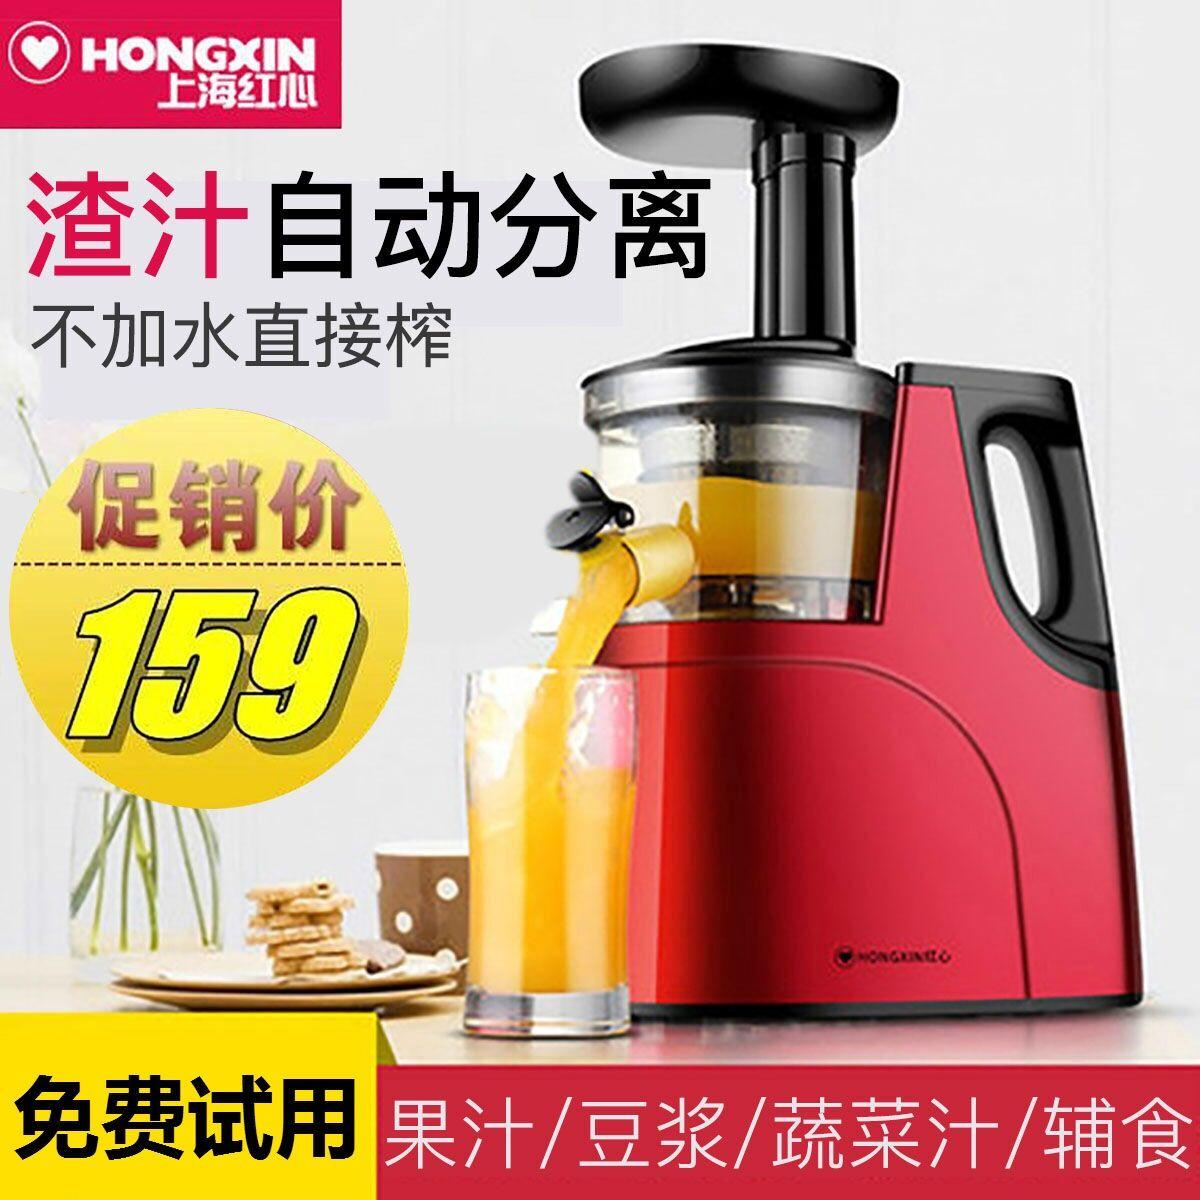 红心榨汁机家用渣分离全自动果蔬多功能原汁机小型低速榨水果汁机